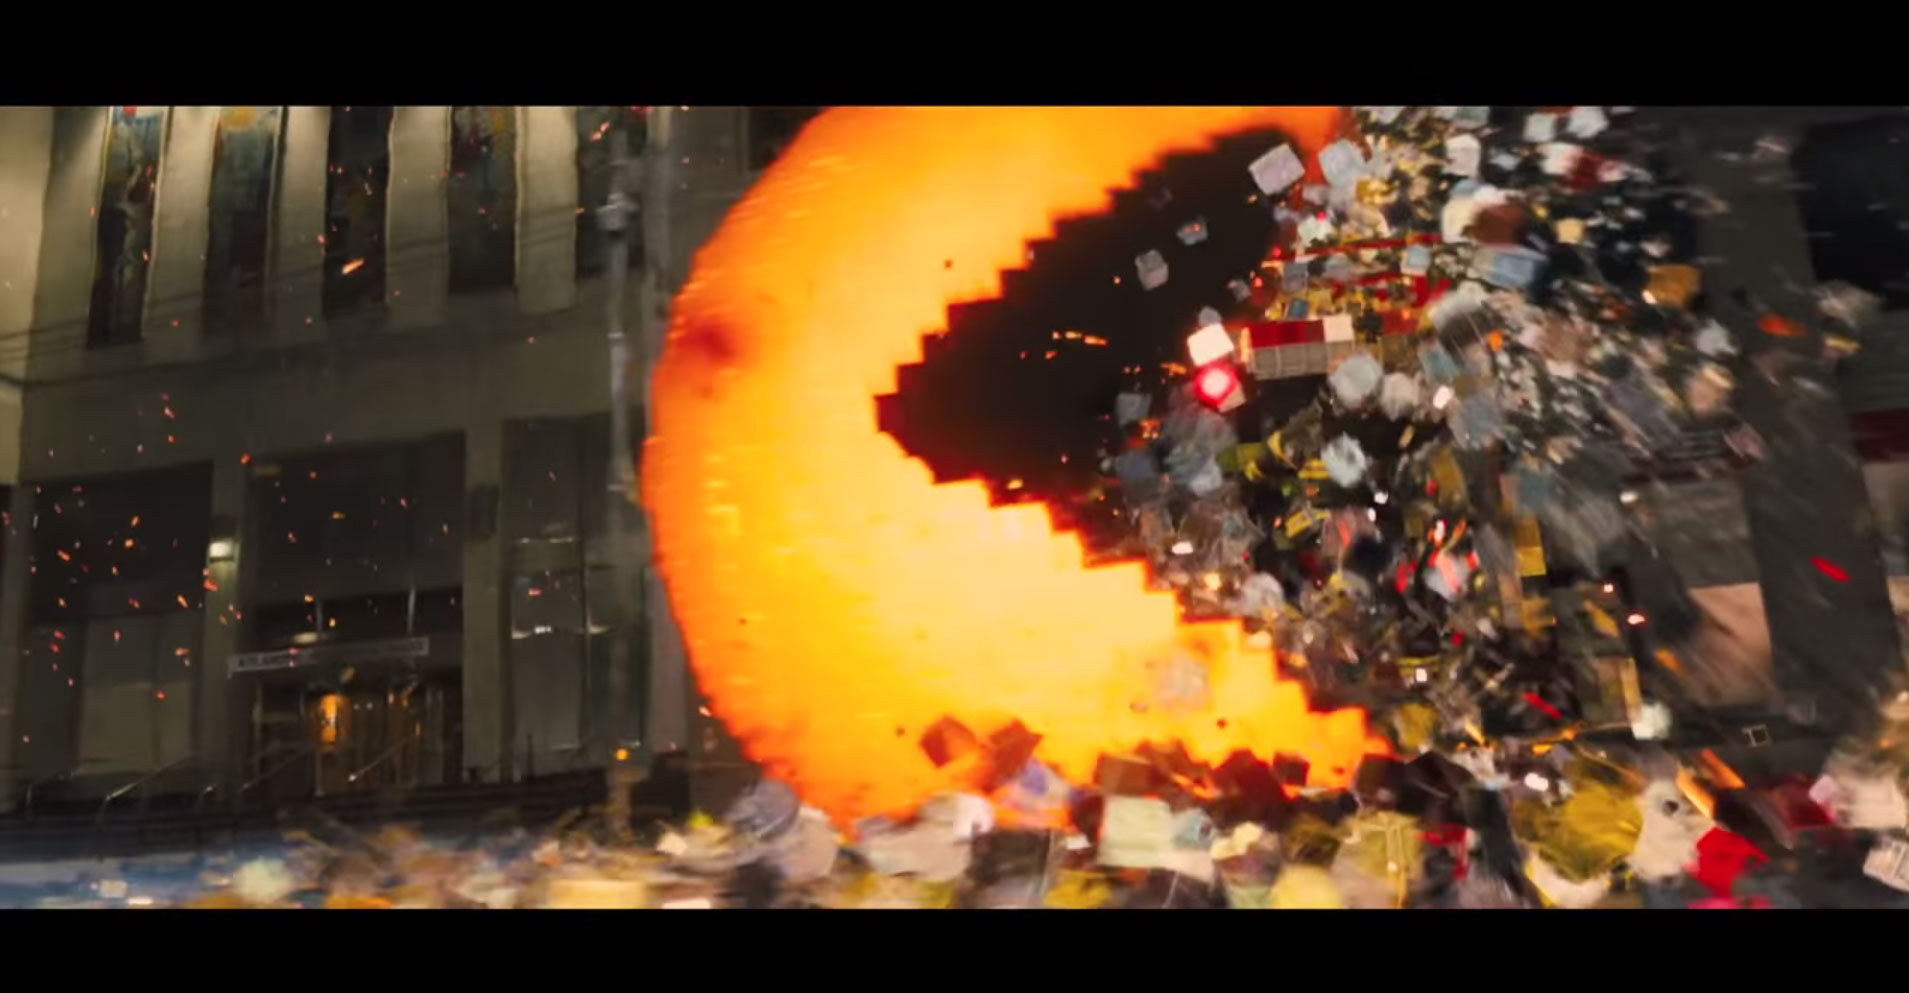 人類寄出一個時空膠囊到外太空,結果外星人就派了《小精靈》 和《太空侵略者》來毀滅地球!